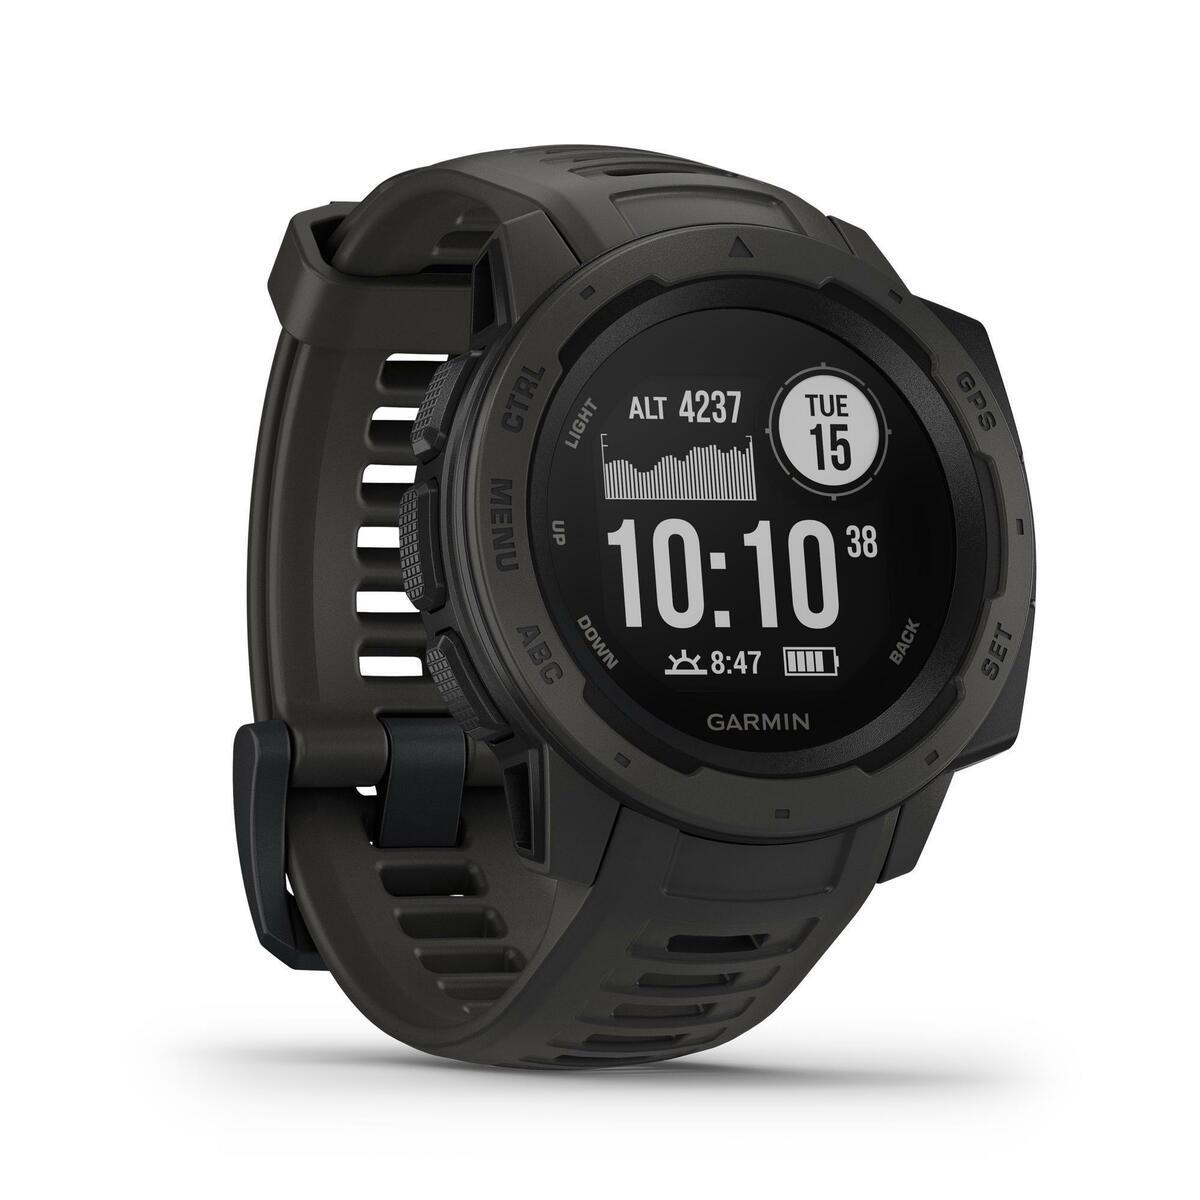 Bild 1 von GPS-Uhr Multisport Instinct